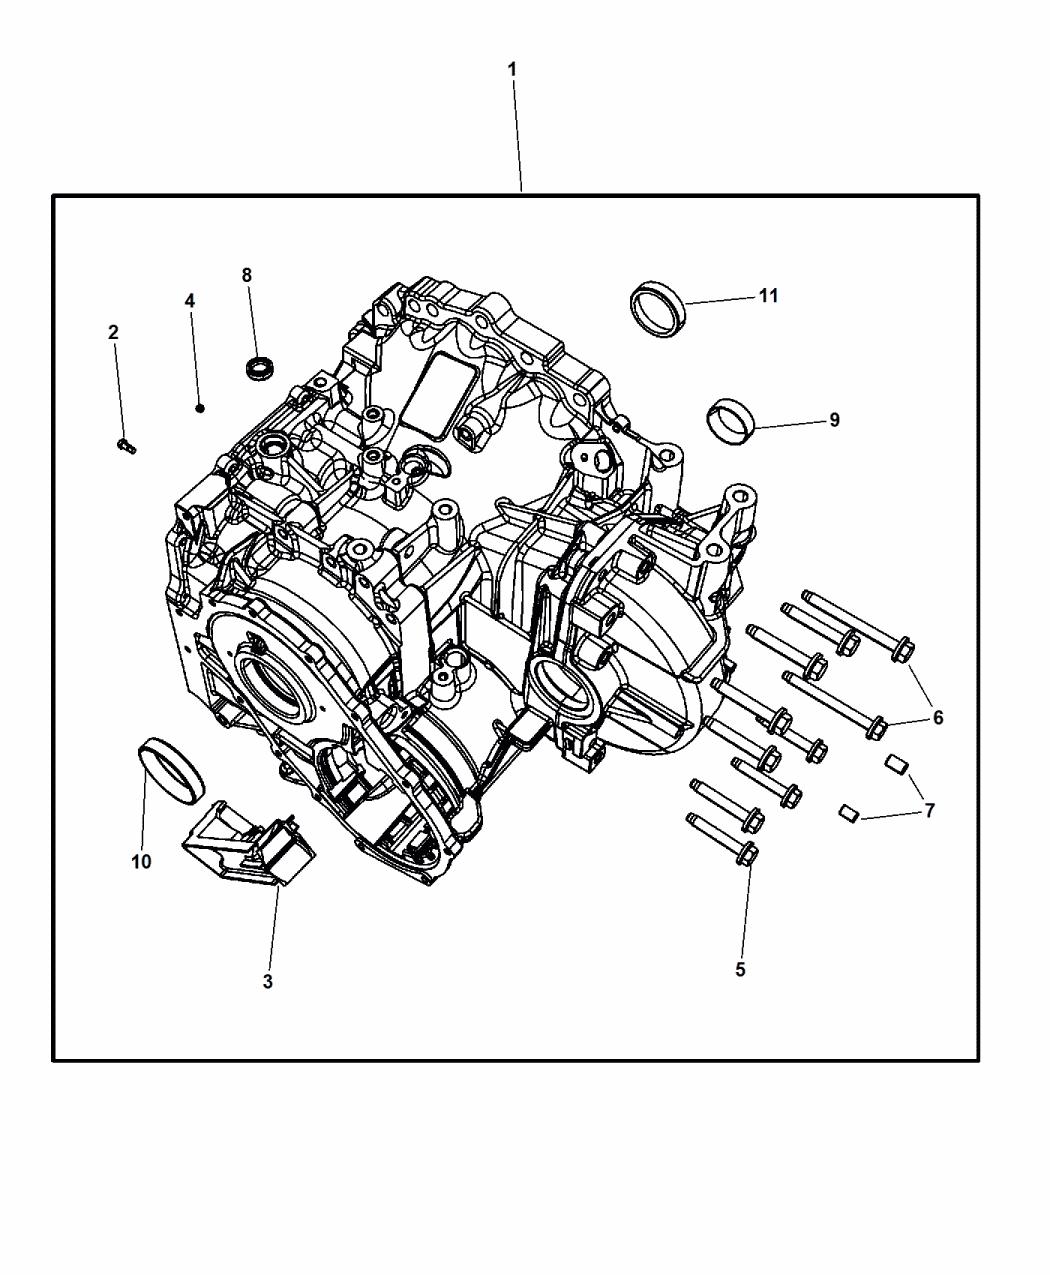 2013 Dodge Caravan Engine Diagram Wiring Diagram Variant Variant Emilia Fise It